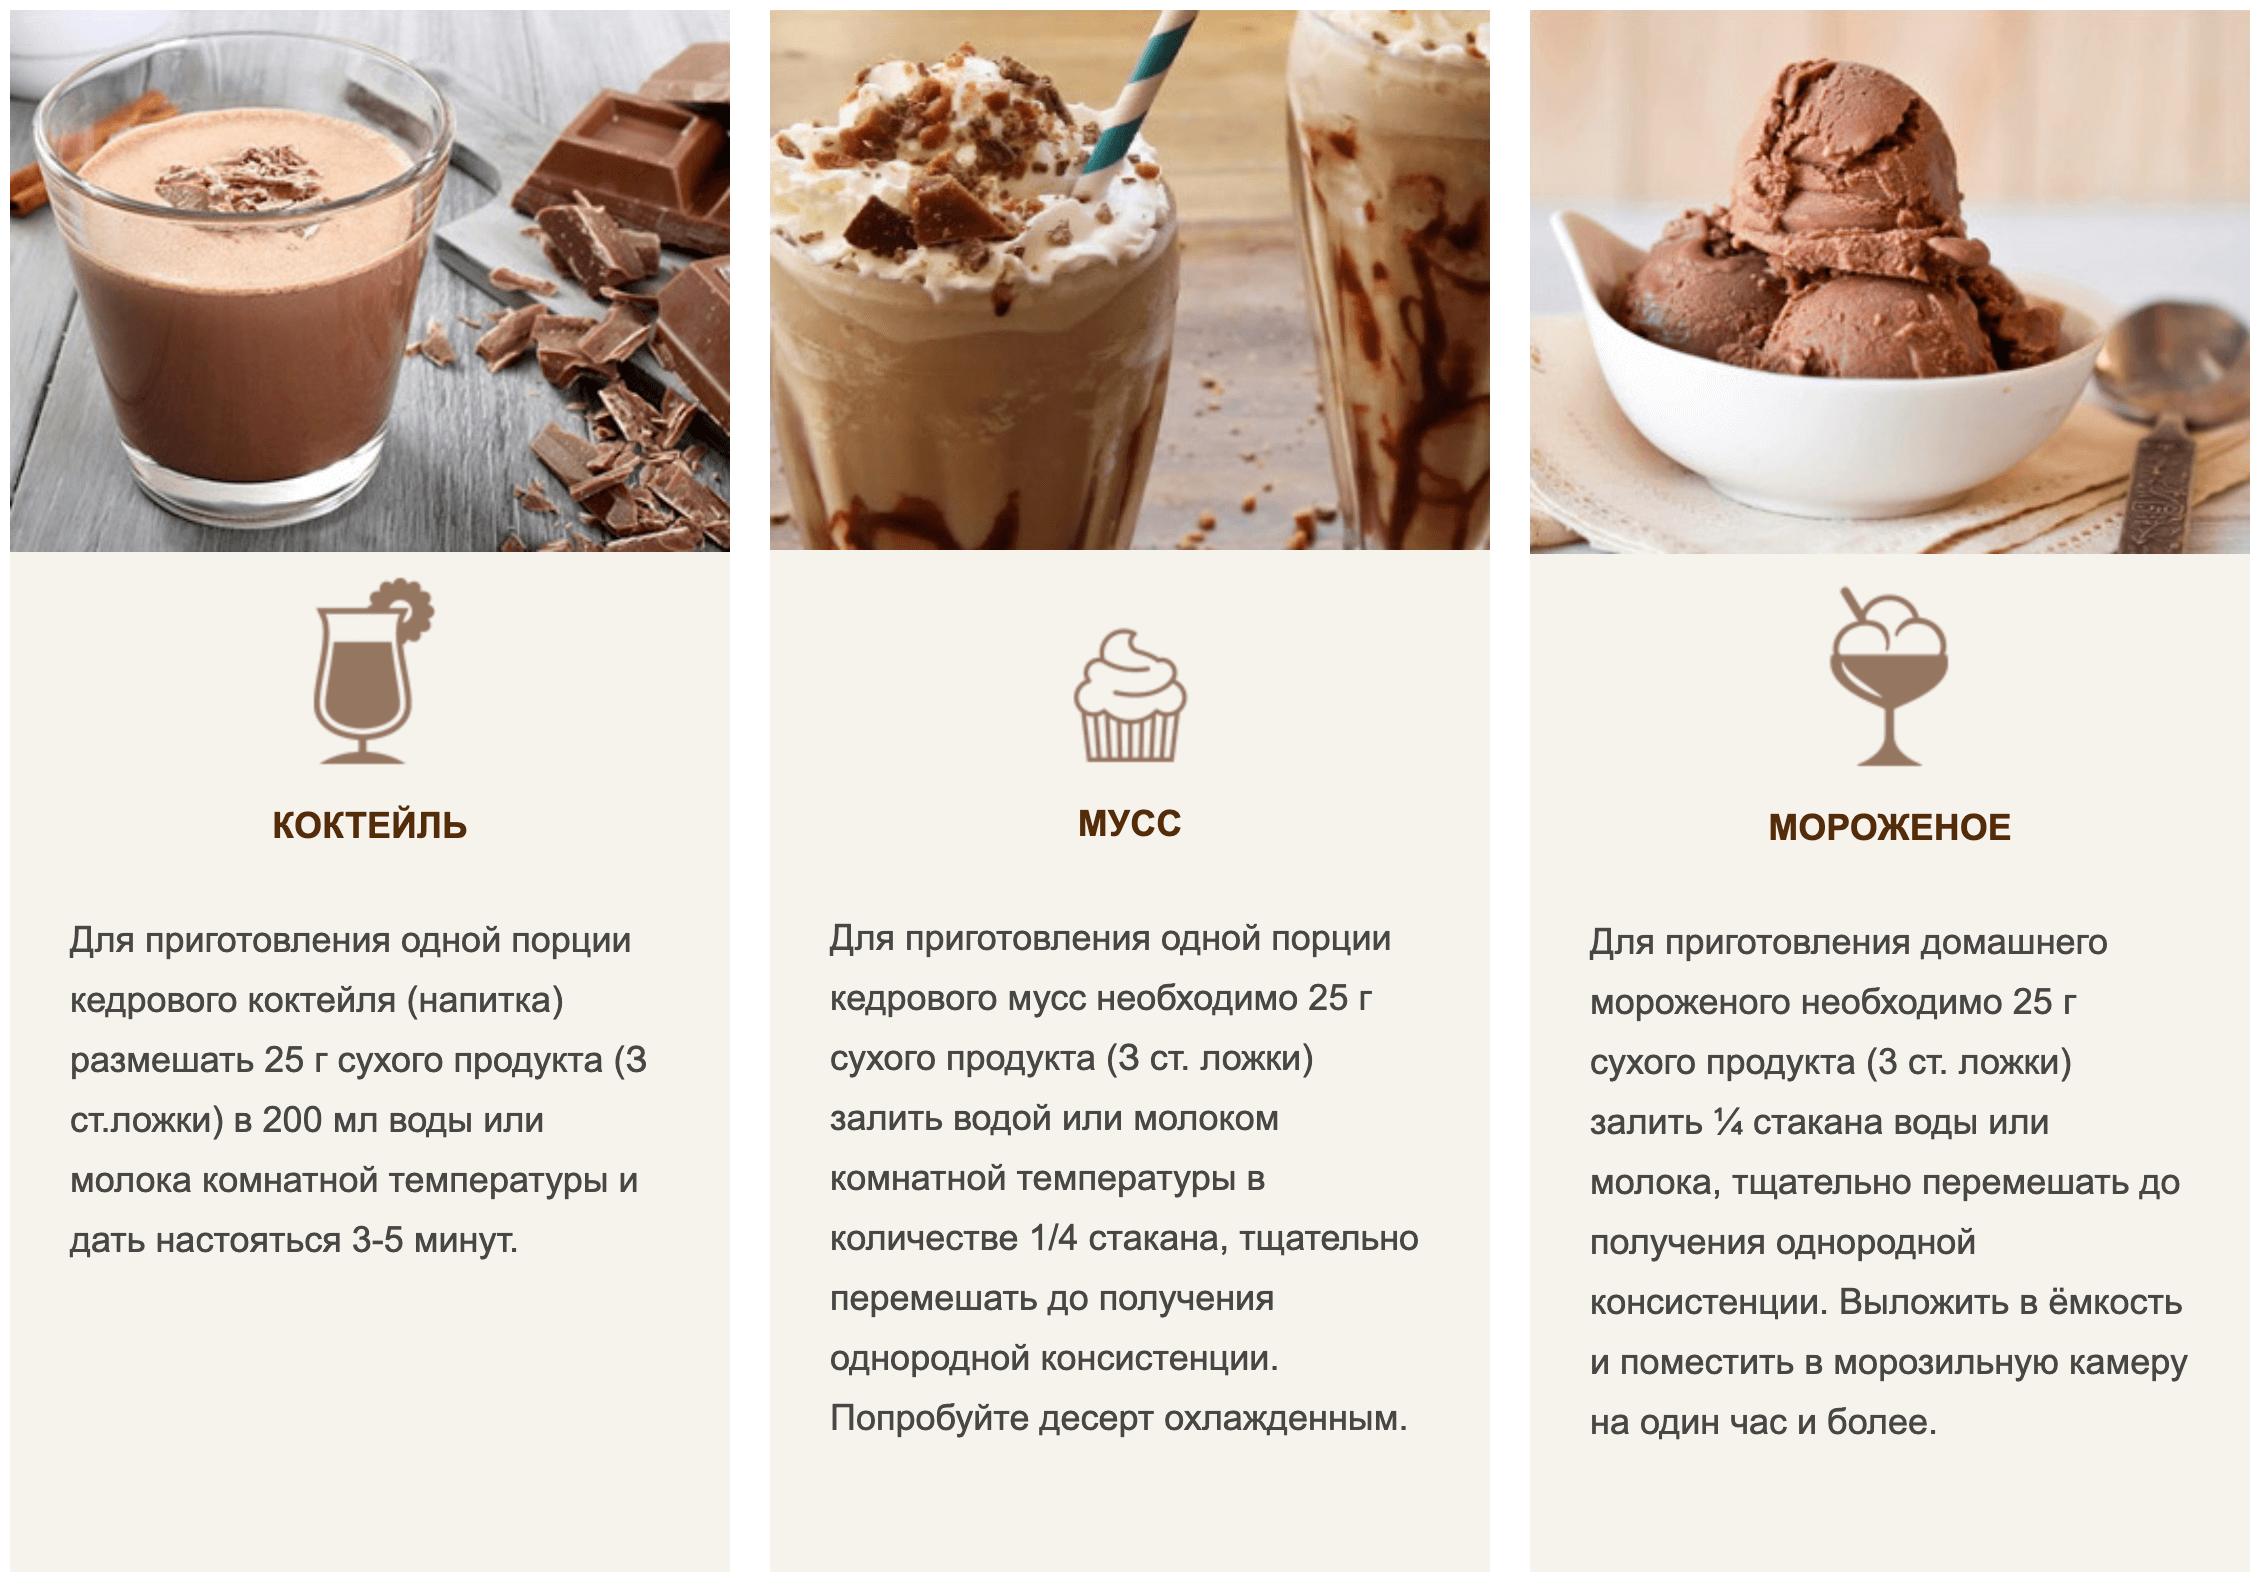 Инструкция по приготовлению кедрового десерта Арго